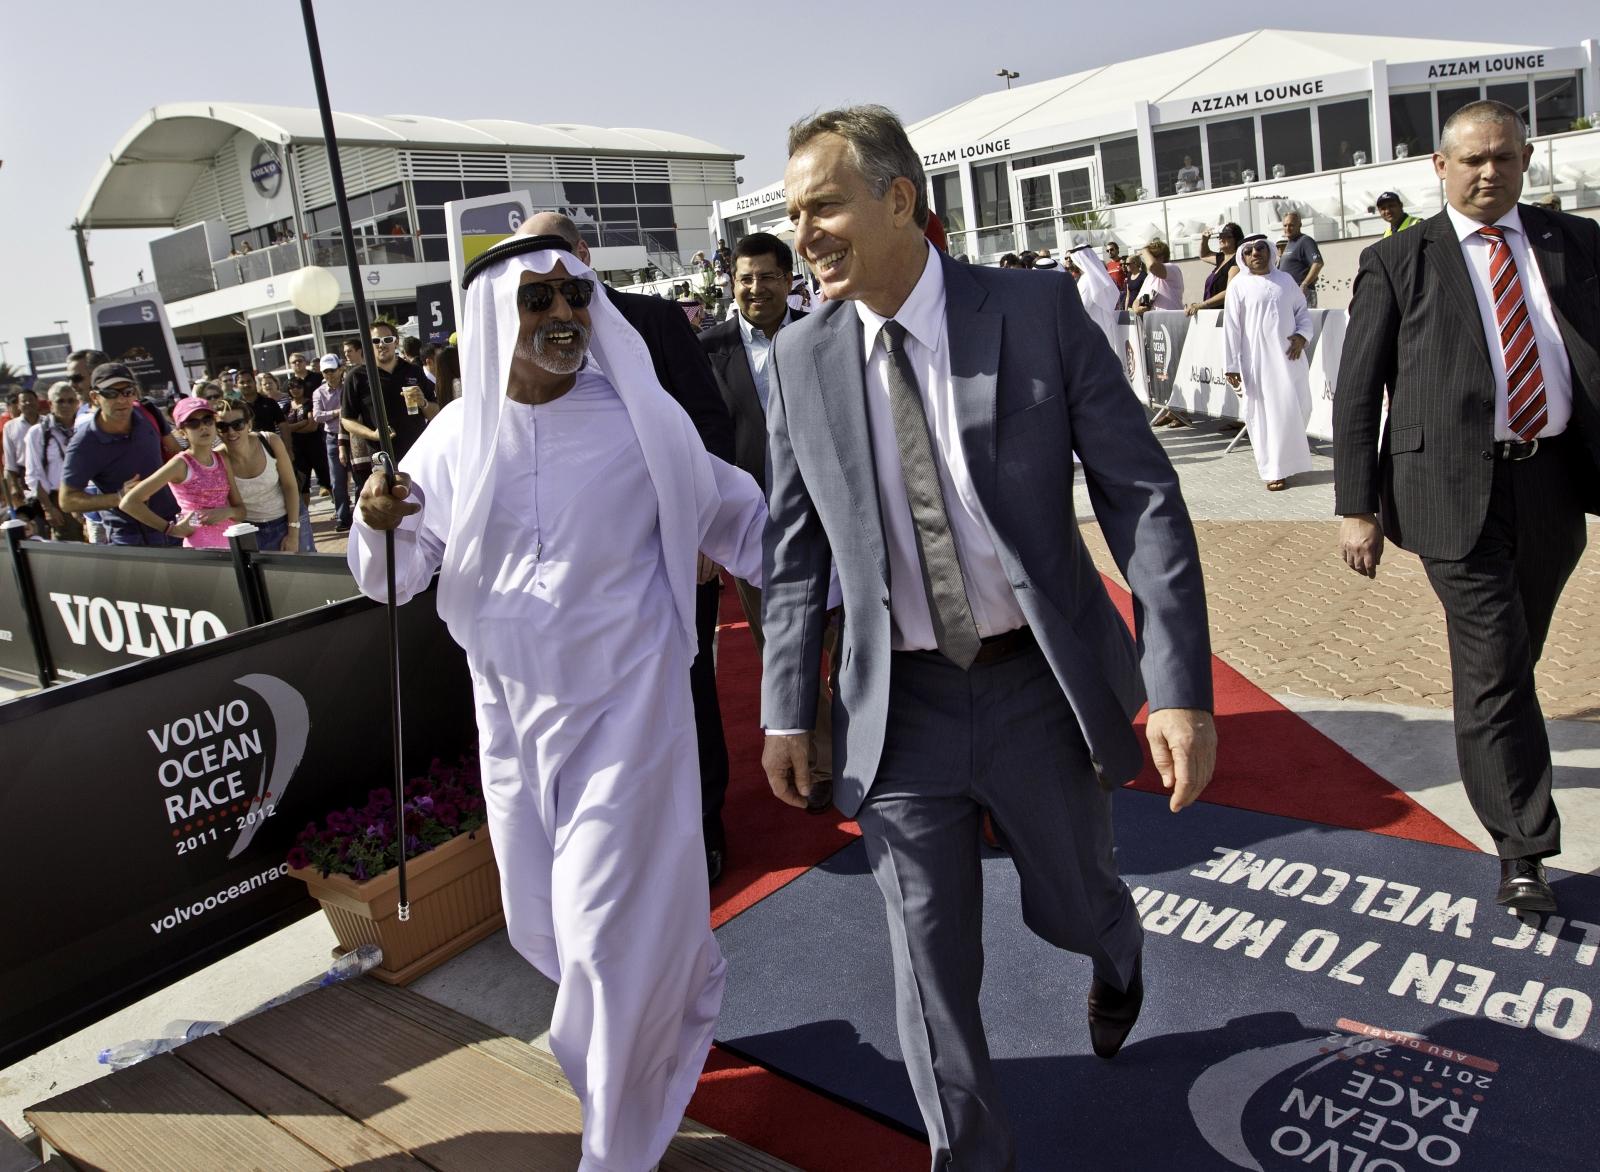 tony blair UAE Mubarak Al Nahyan